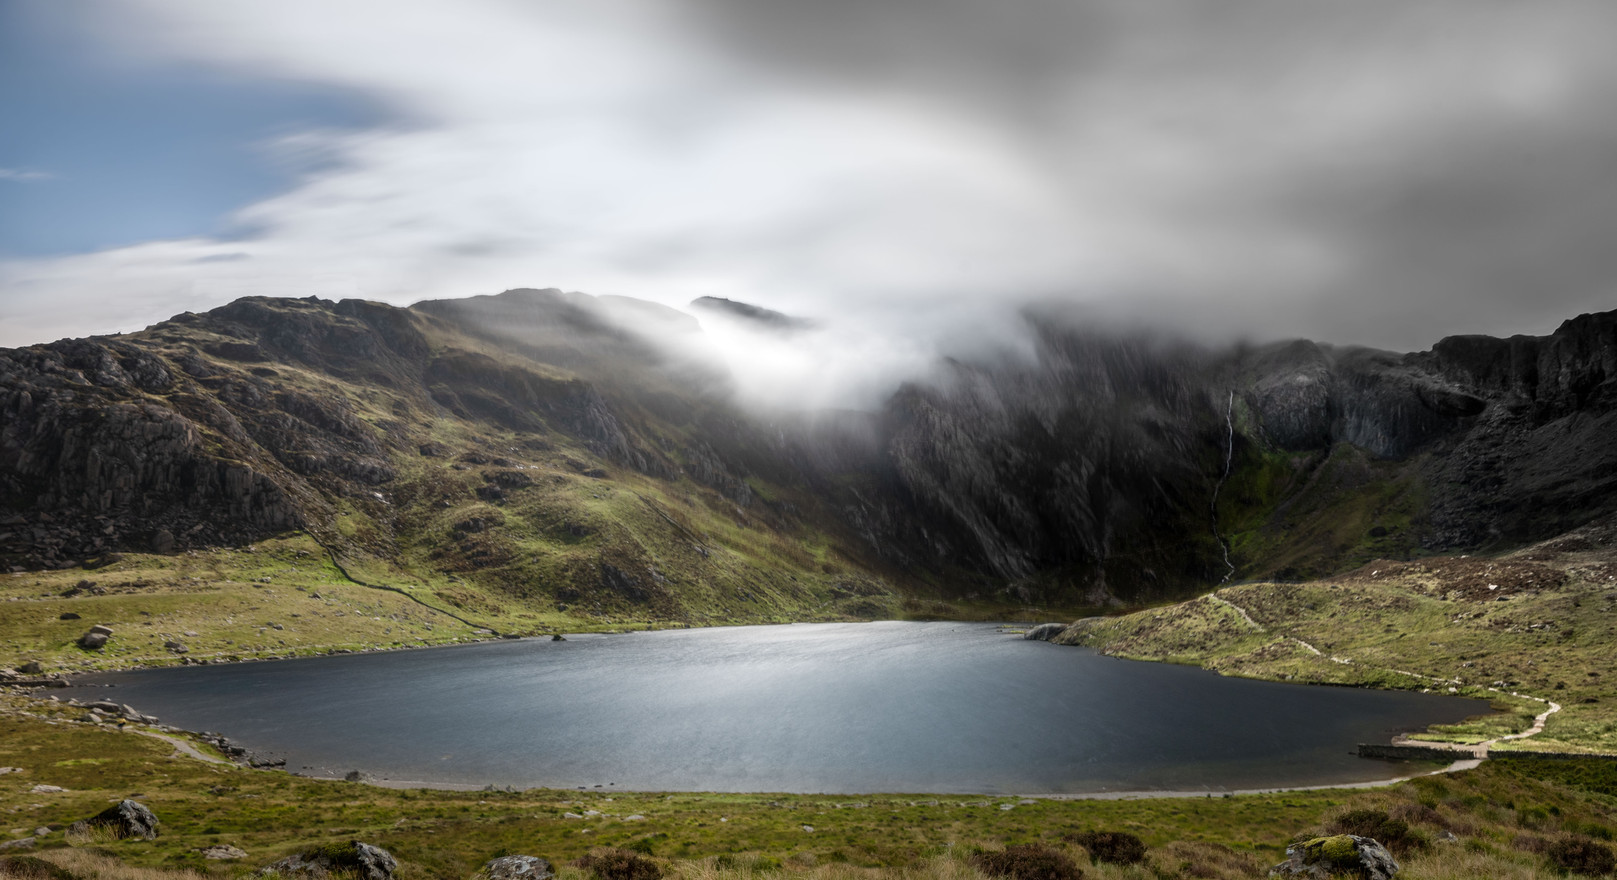 Glyder Fawr clouds over Llyn Idwal